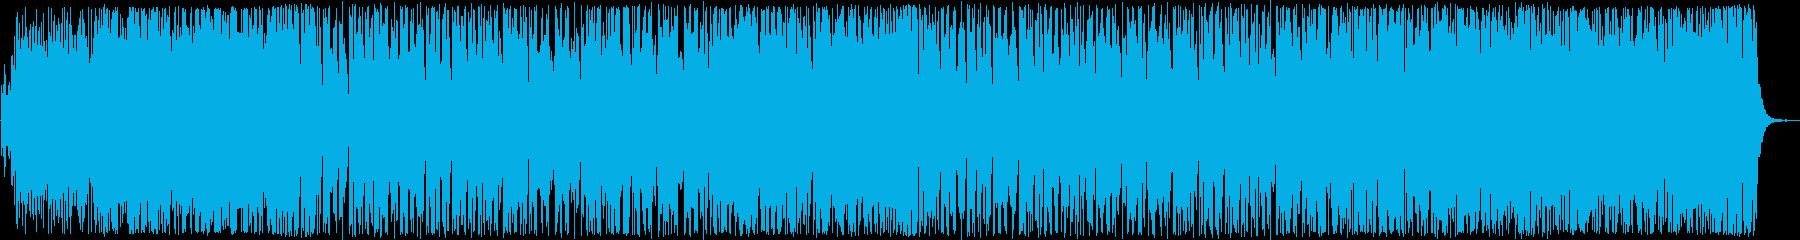 おしゃれなシンセサイザーなどのポップの再生済みの波形